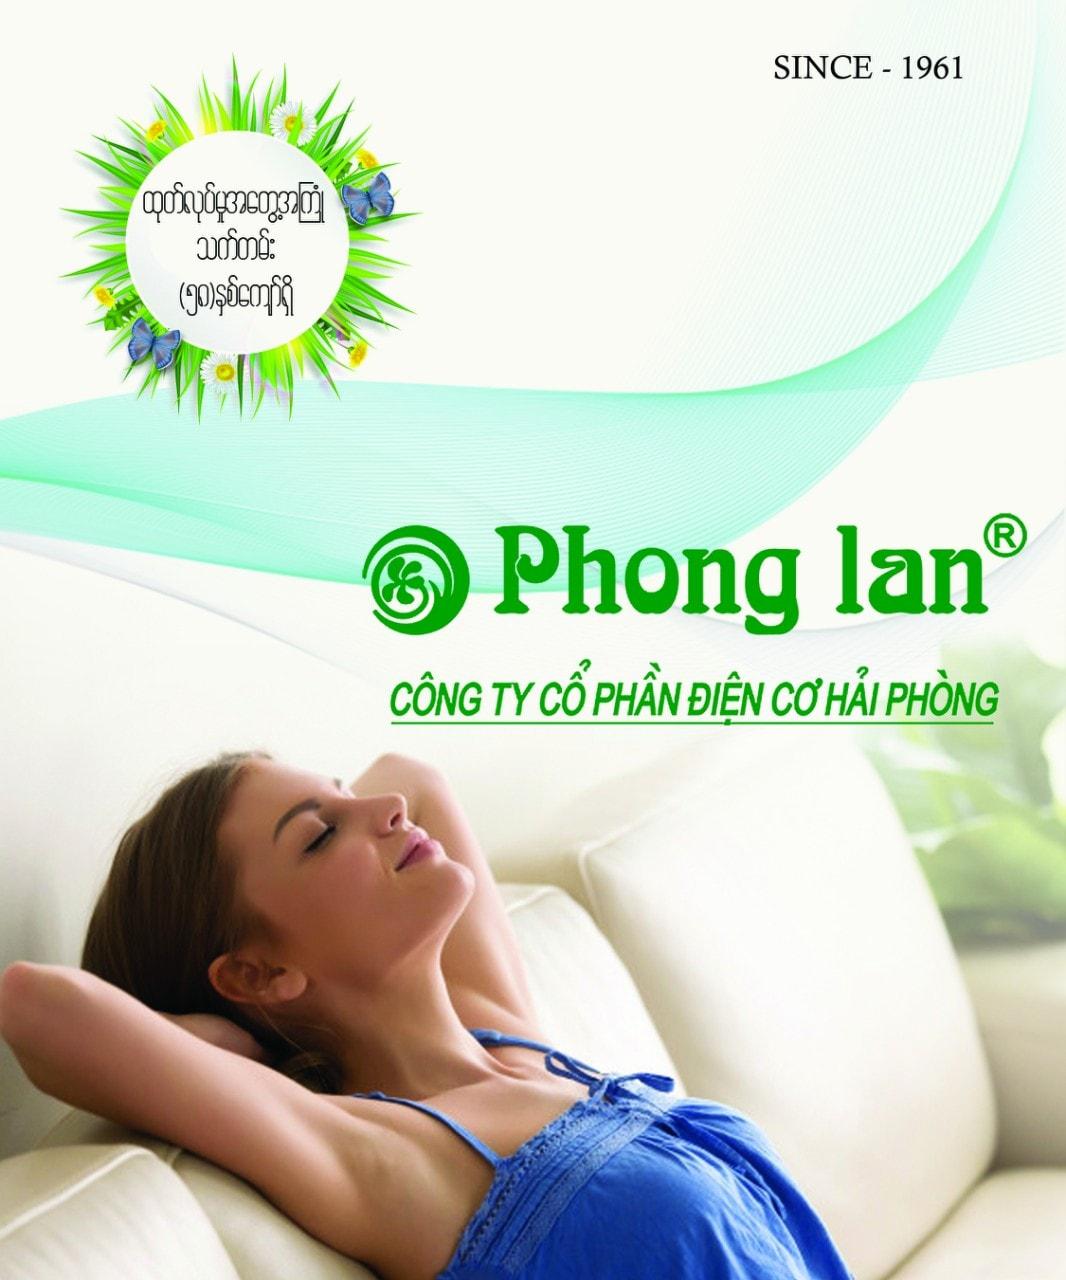 Phong Lan Electronic